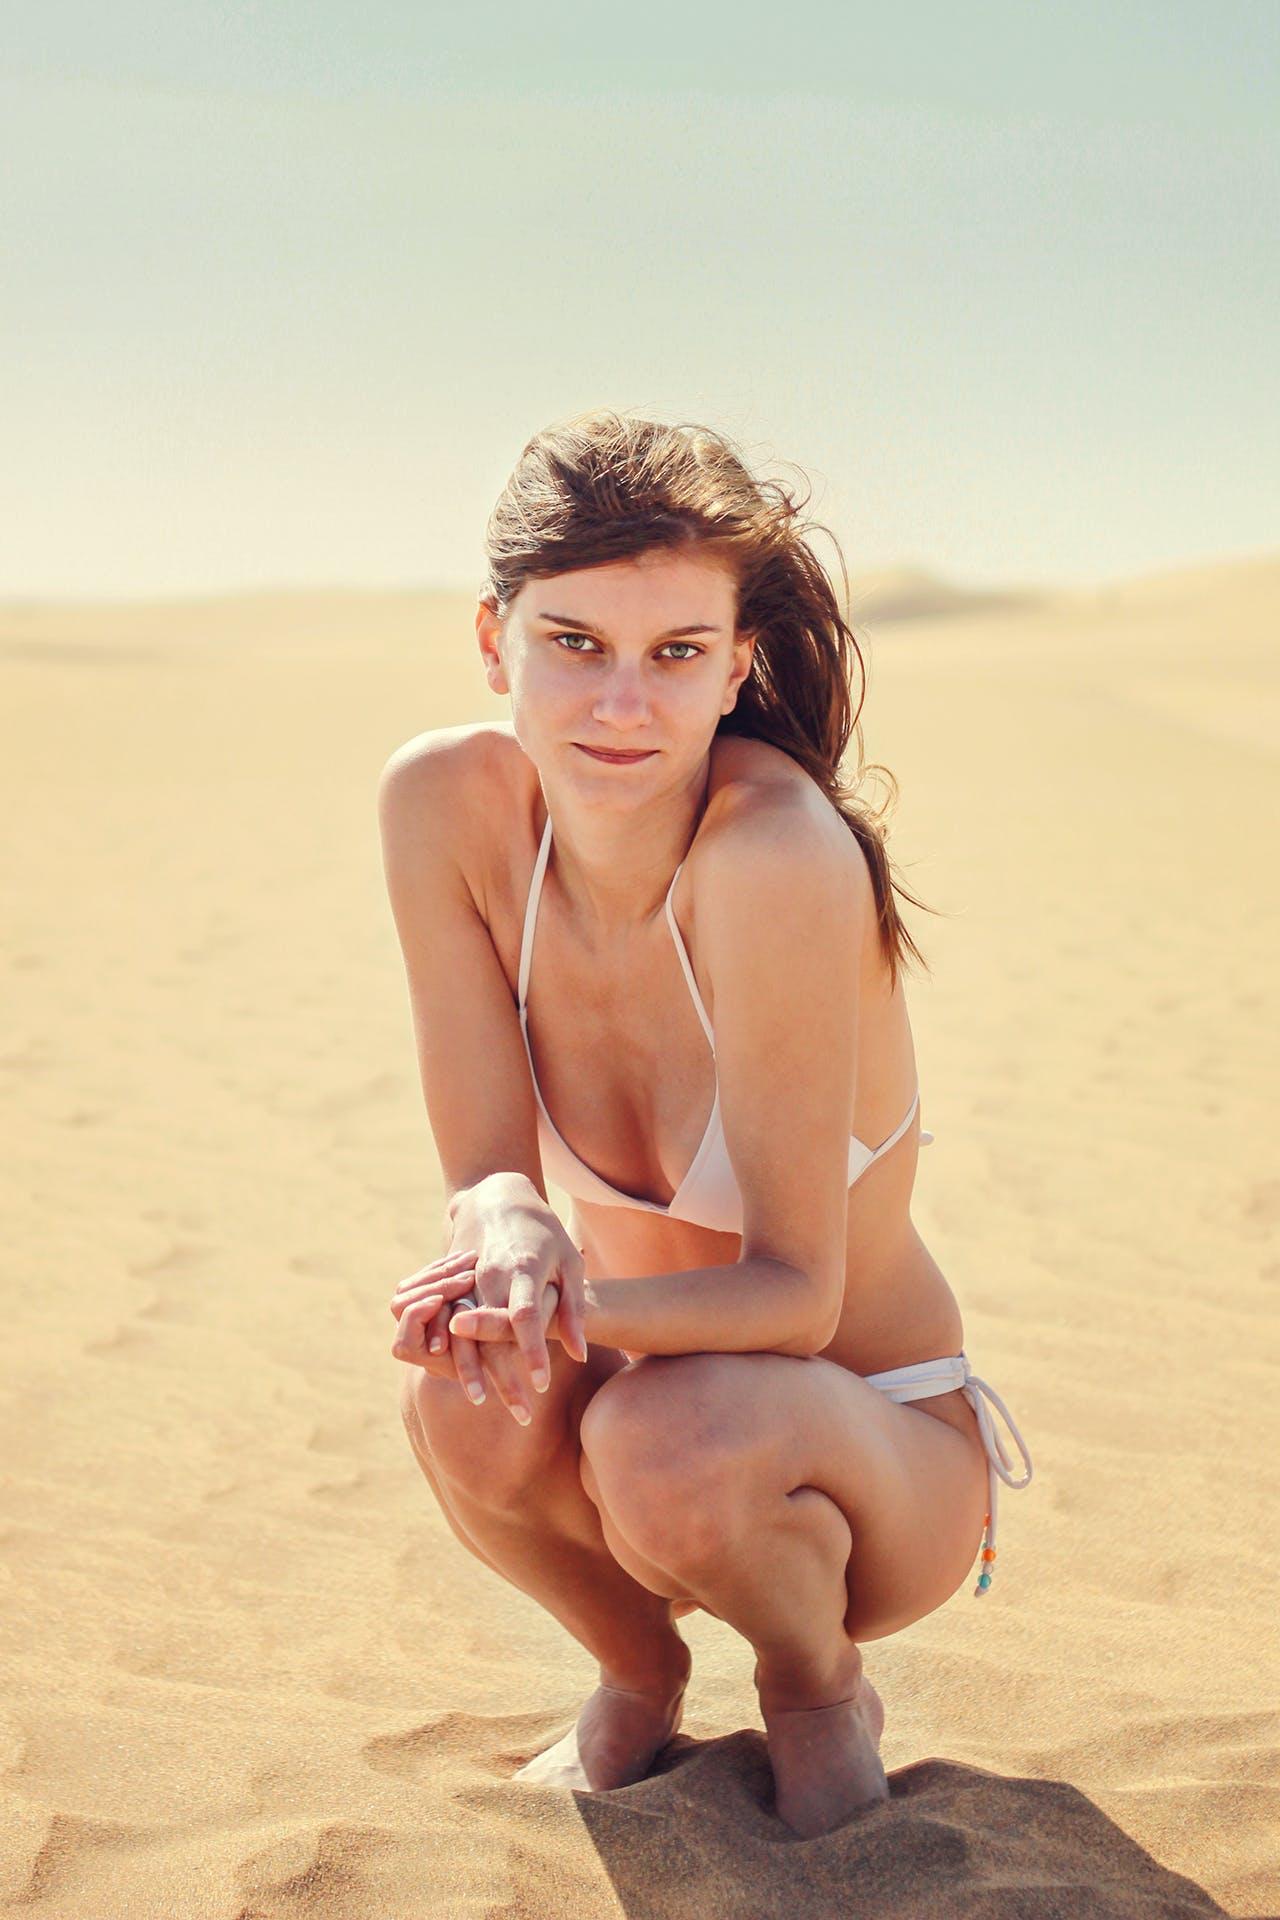 Woman Wearing White Bikini on Sand